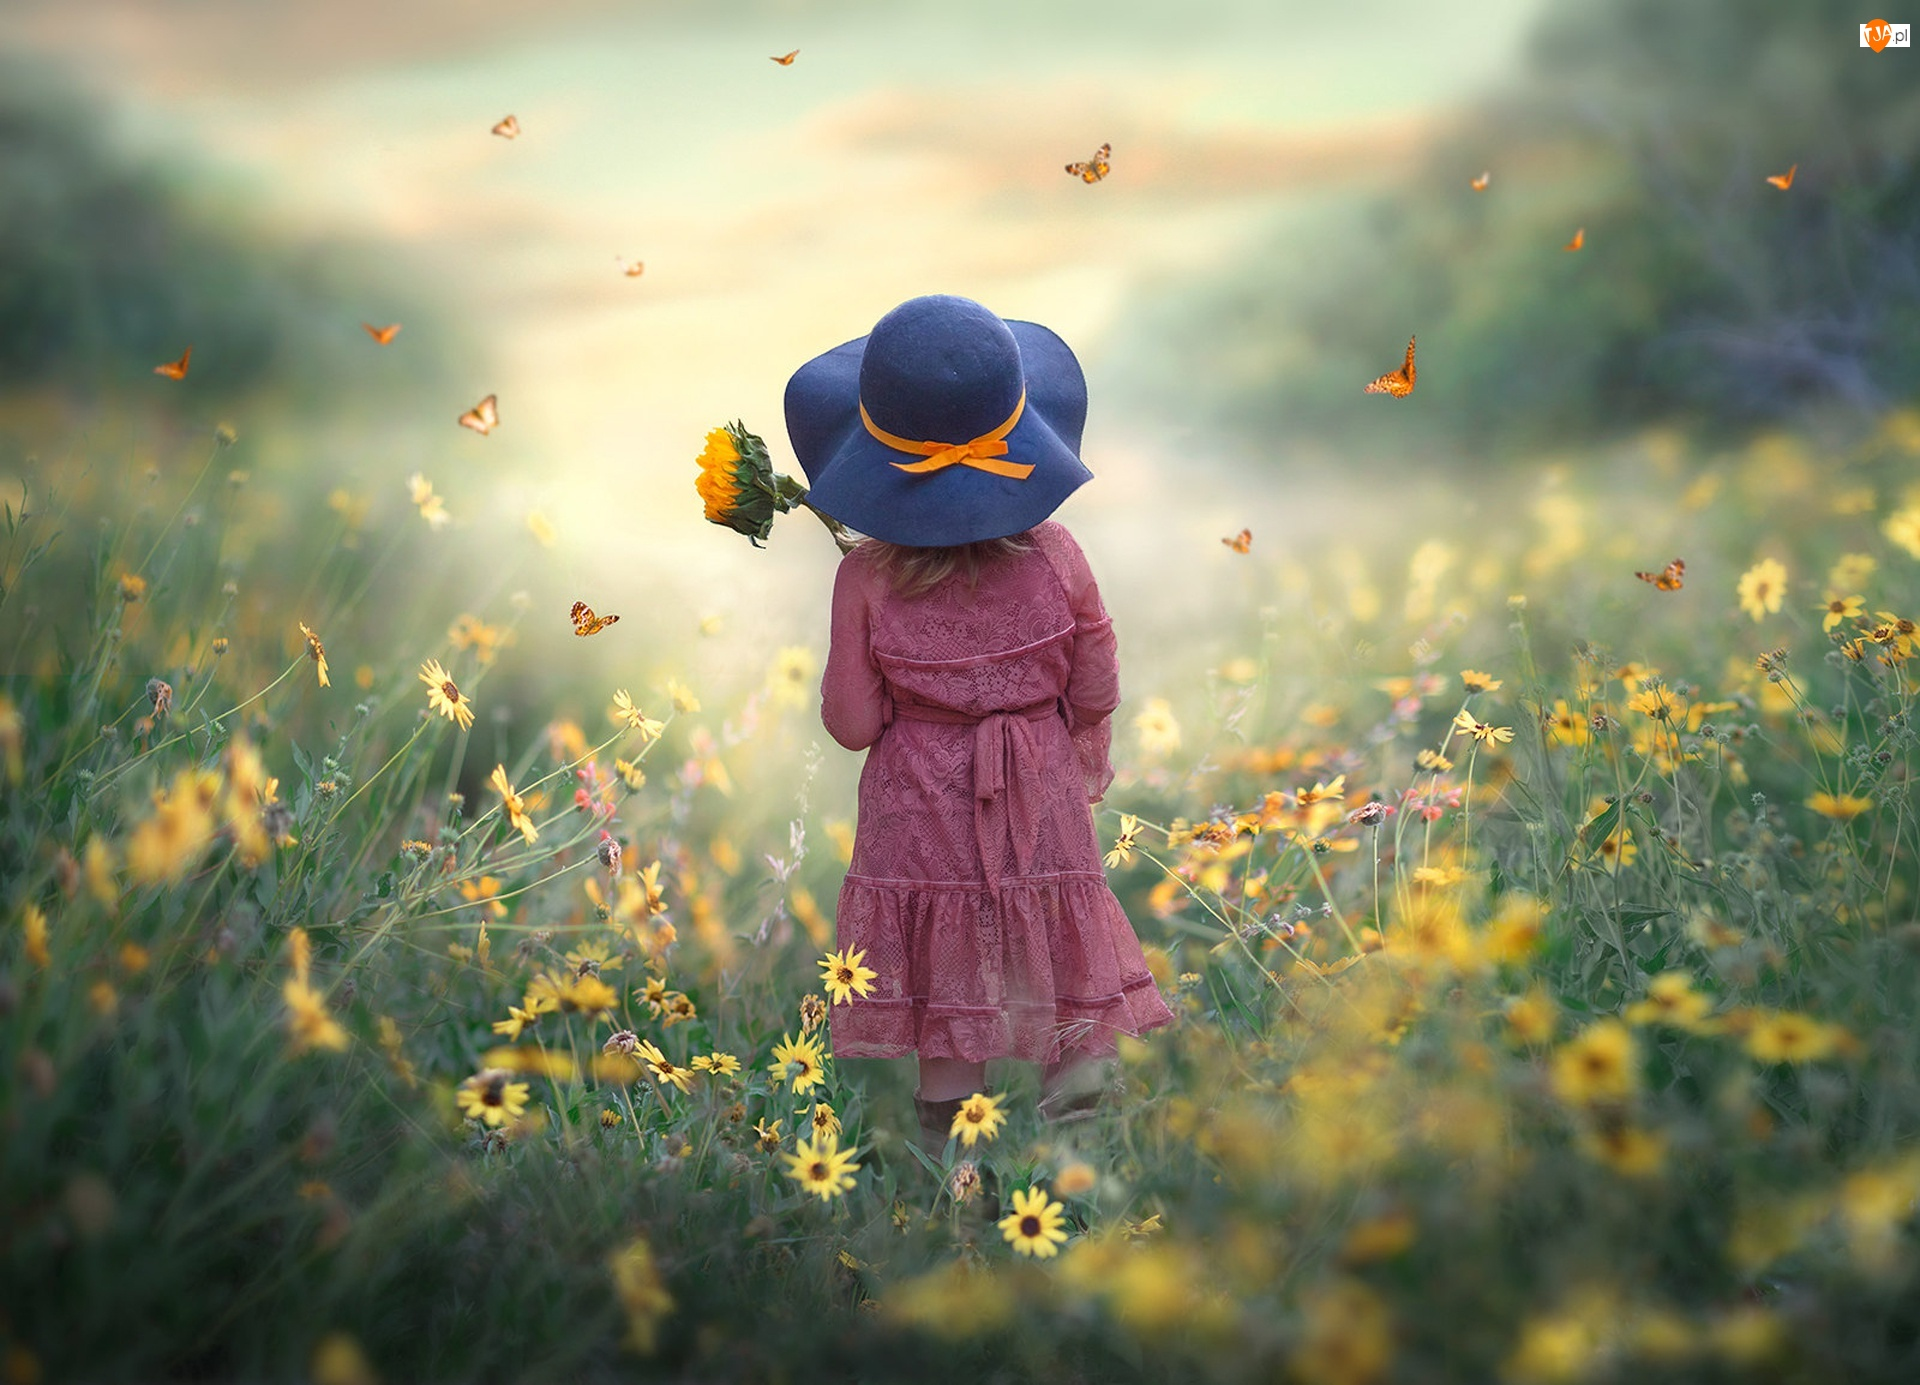 Kapelusz, Dziewczynka, Łąka, Motyle, Słonecznik, Kwiaty